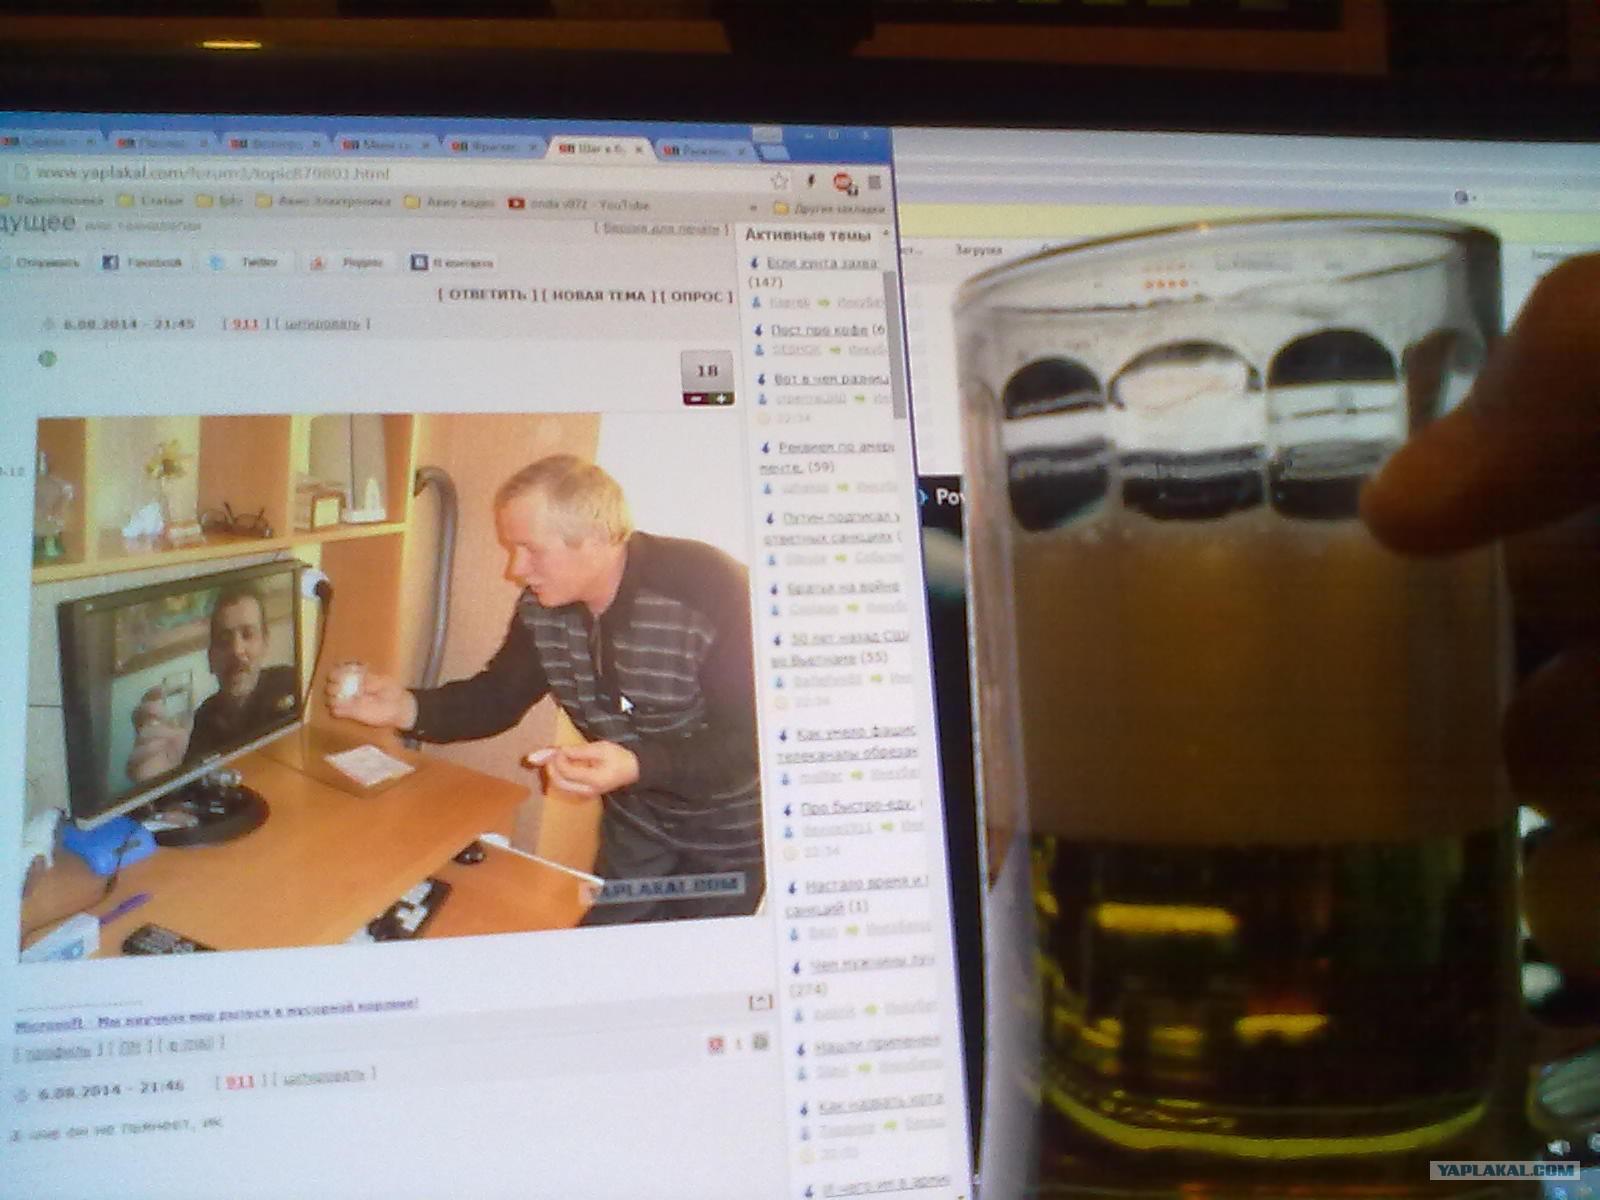 Я пил ещё в СССР - Очень плохая музыка [EP]